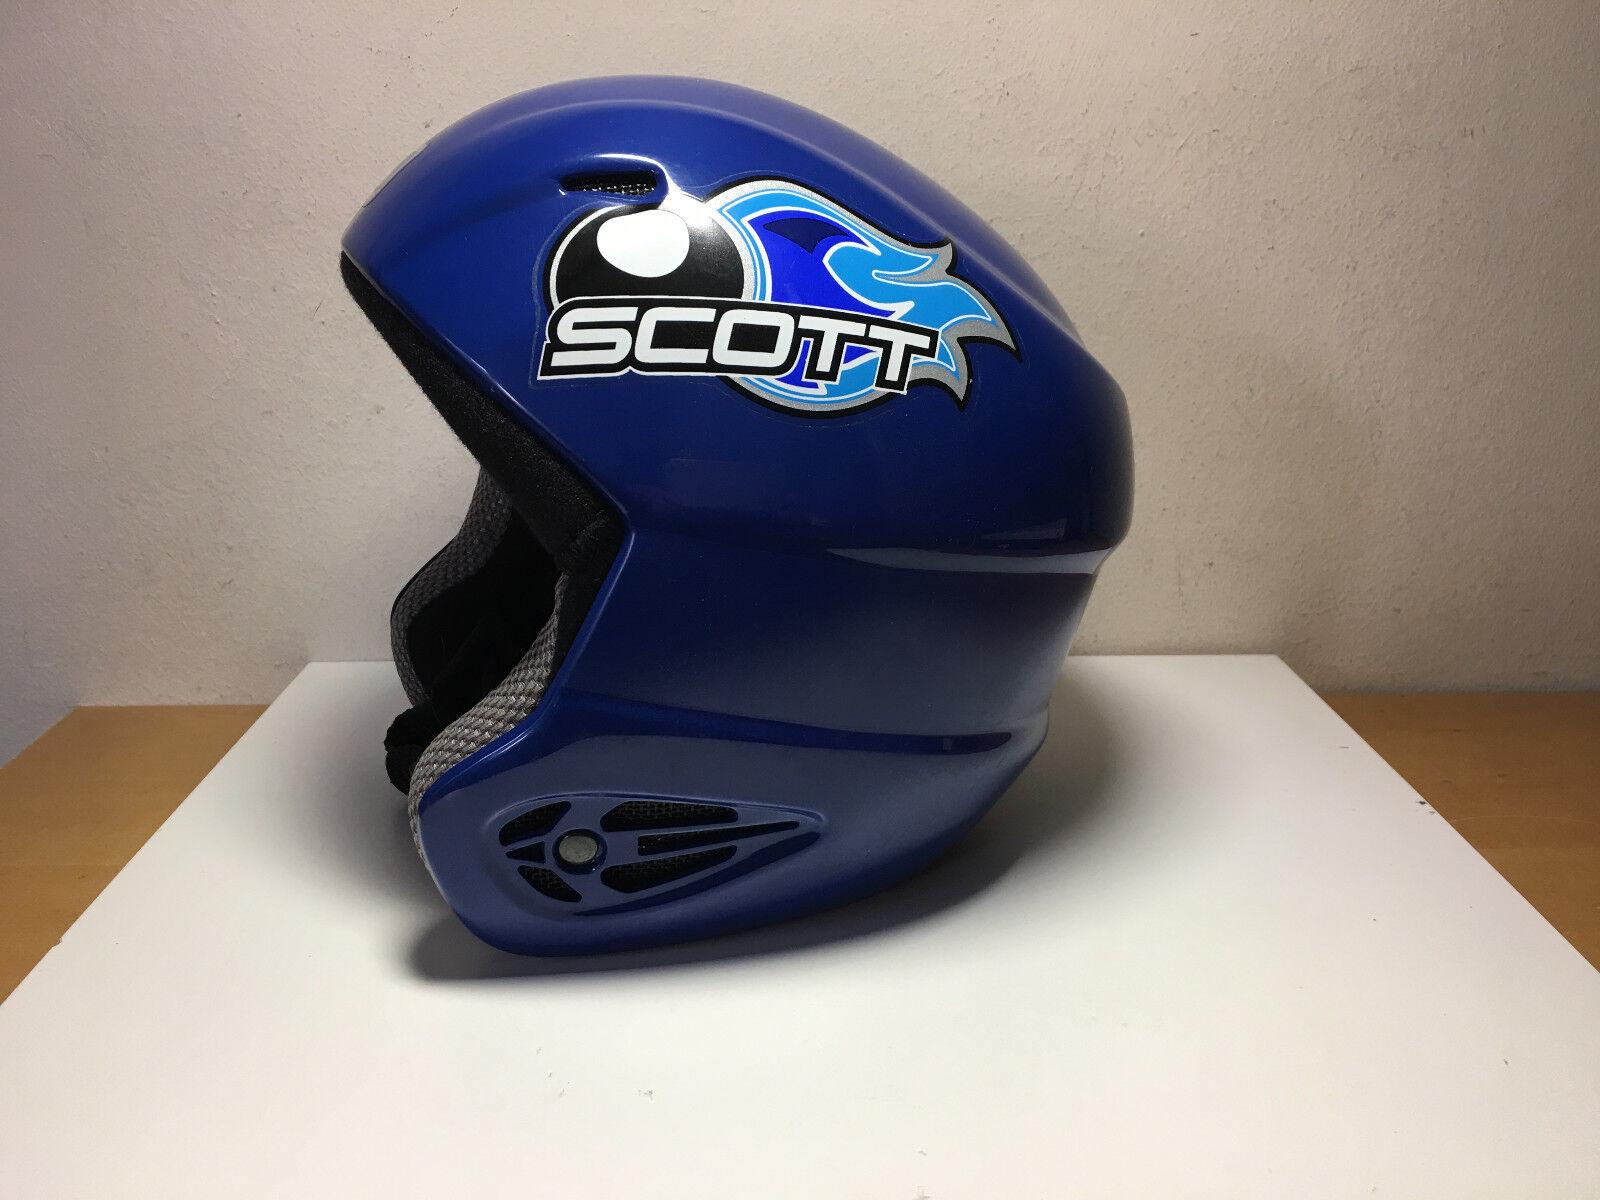 Gebraucht - Kids Ski Helm SCOTT USA der für Kinder - Größe 56   57